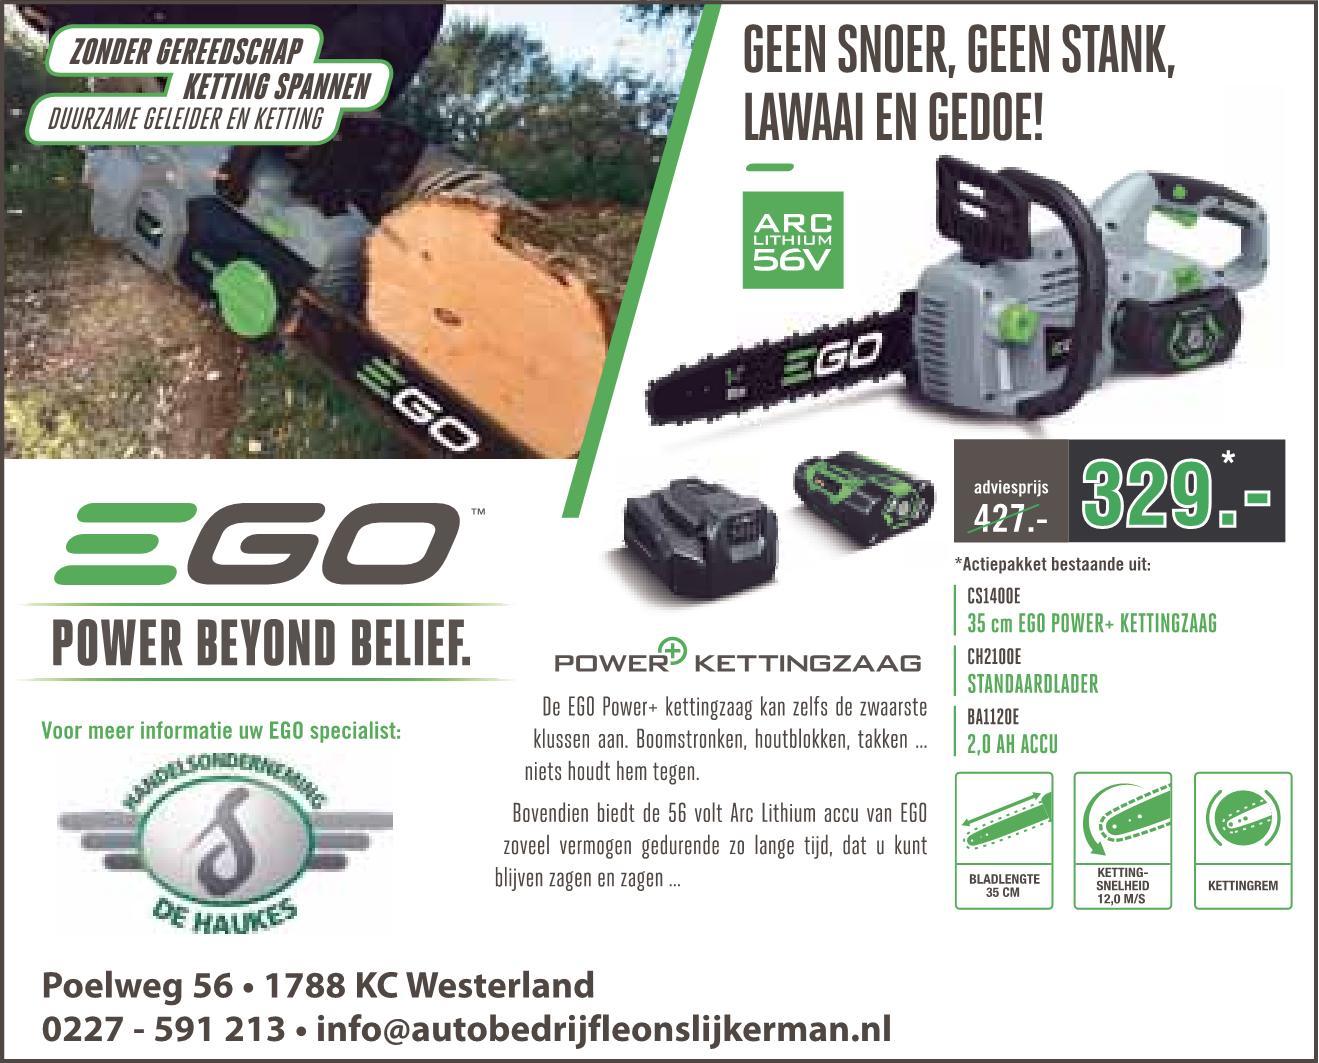 EGO CS1400 promo 2017